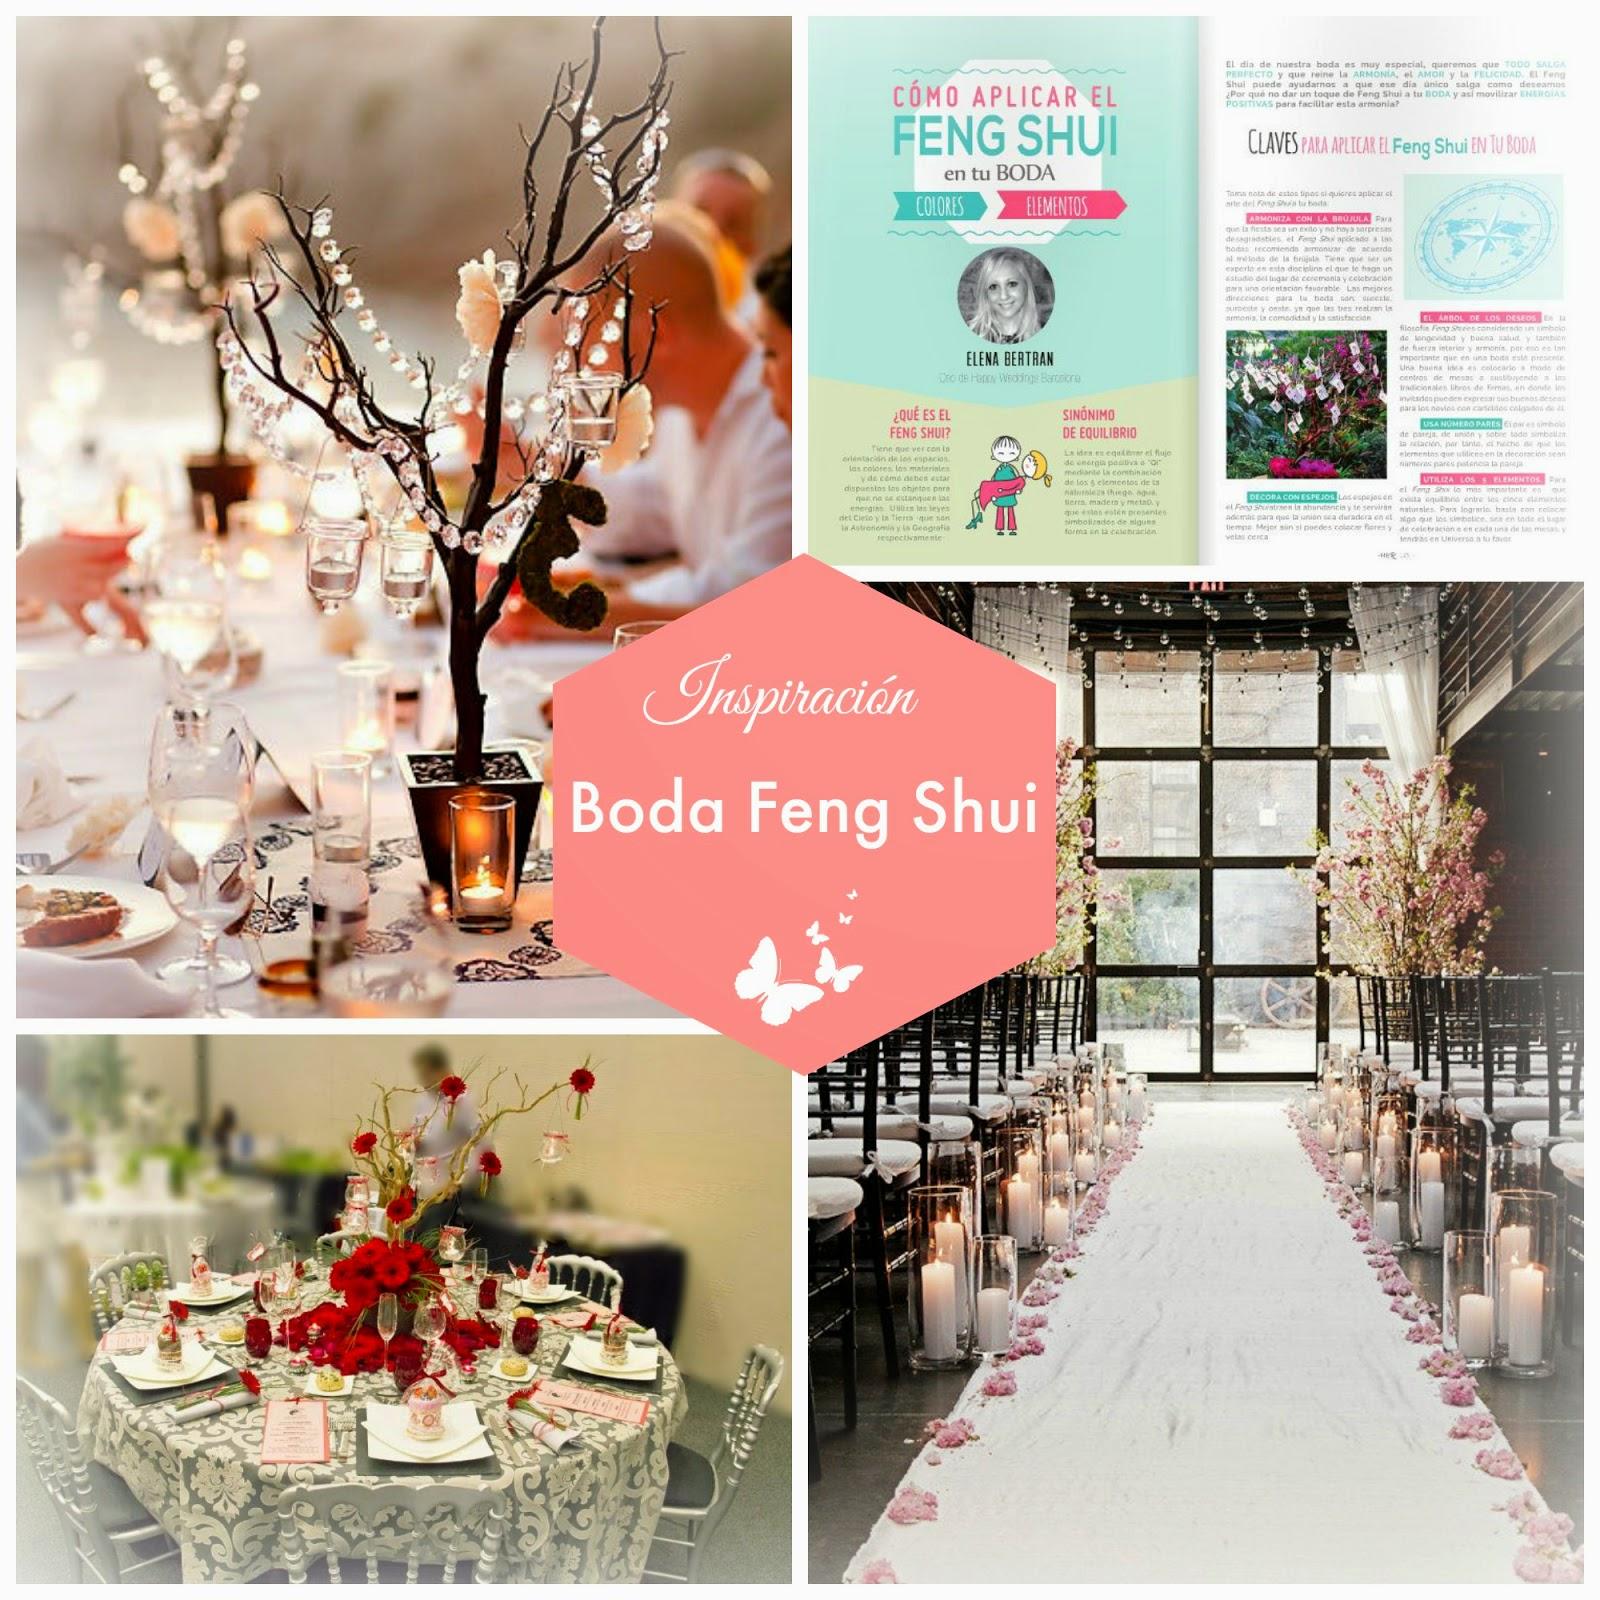 como aplicar feng shui en decoracion bodas blog bodas mi boda gratis